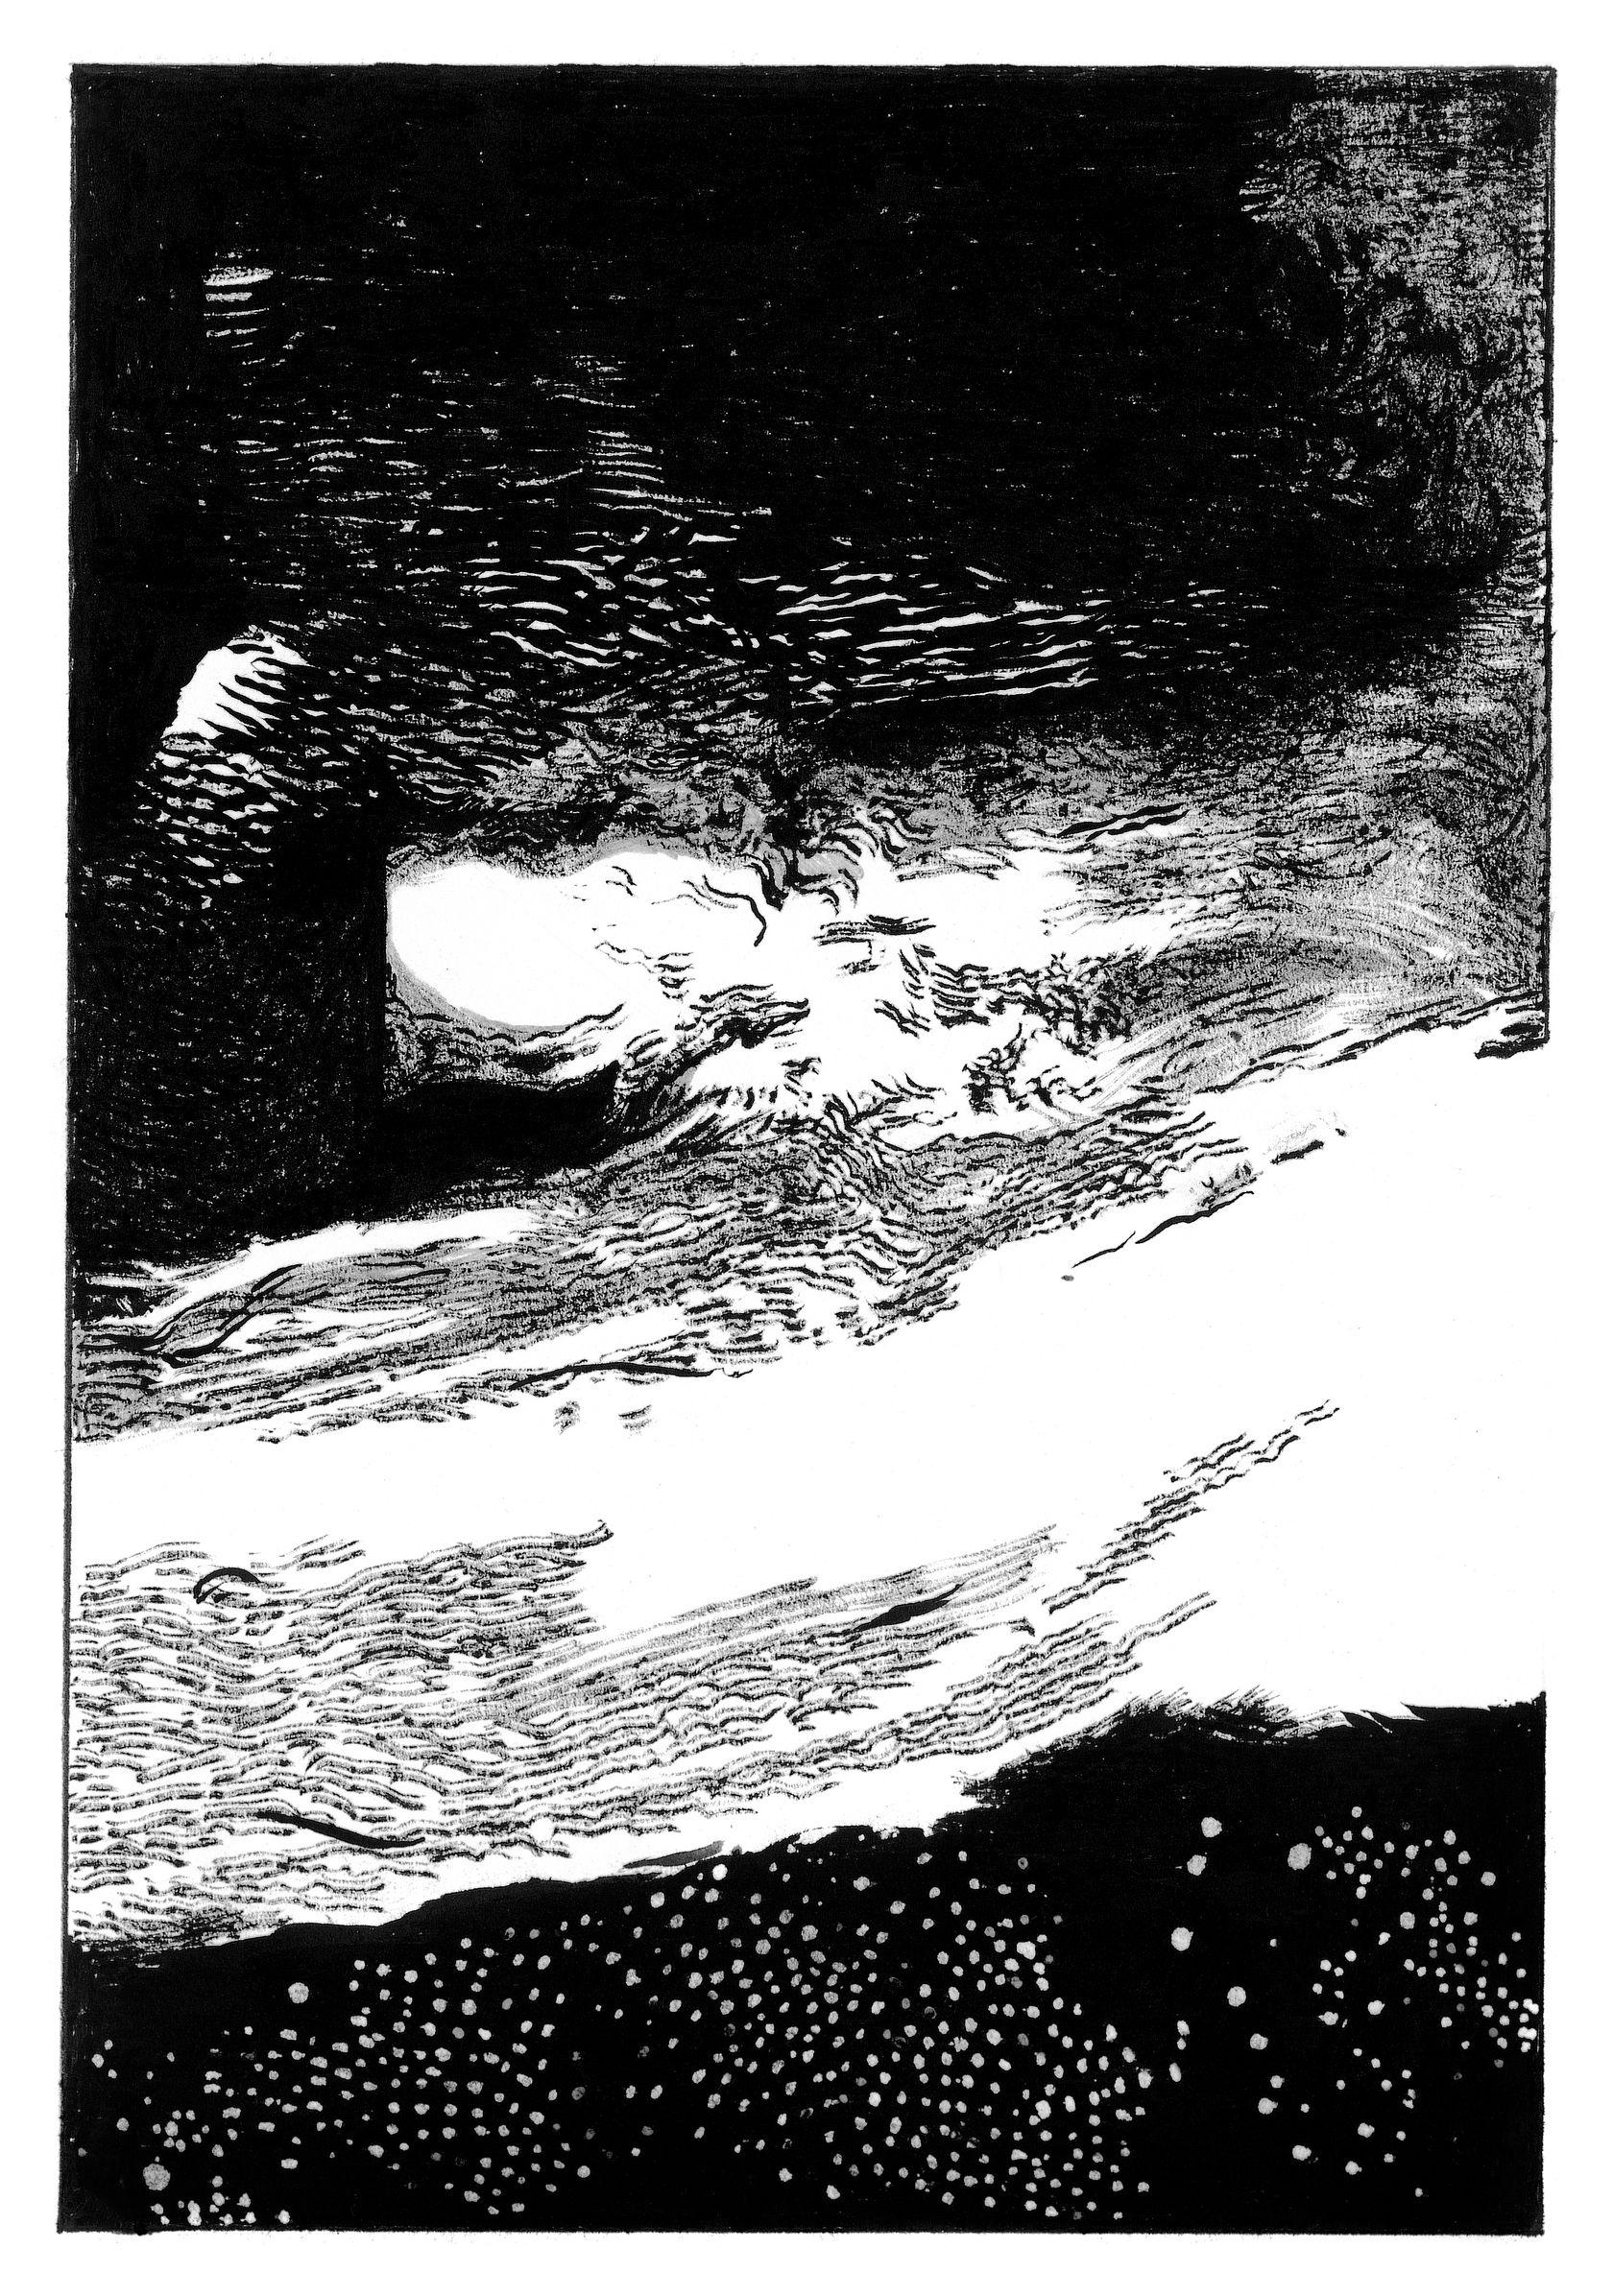 Julien Tiberi, Symphonic Lava, 2019 Encre et mine de plomb sur papier17.5 × 12 cm / 6 7/8 × 4 6/8 in. | 31.5 × 25.3 × 2.4 cm / 12 3/8 × 10  × 1  in. (encadré/framed)